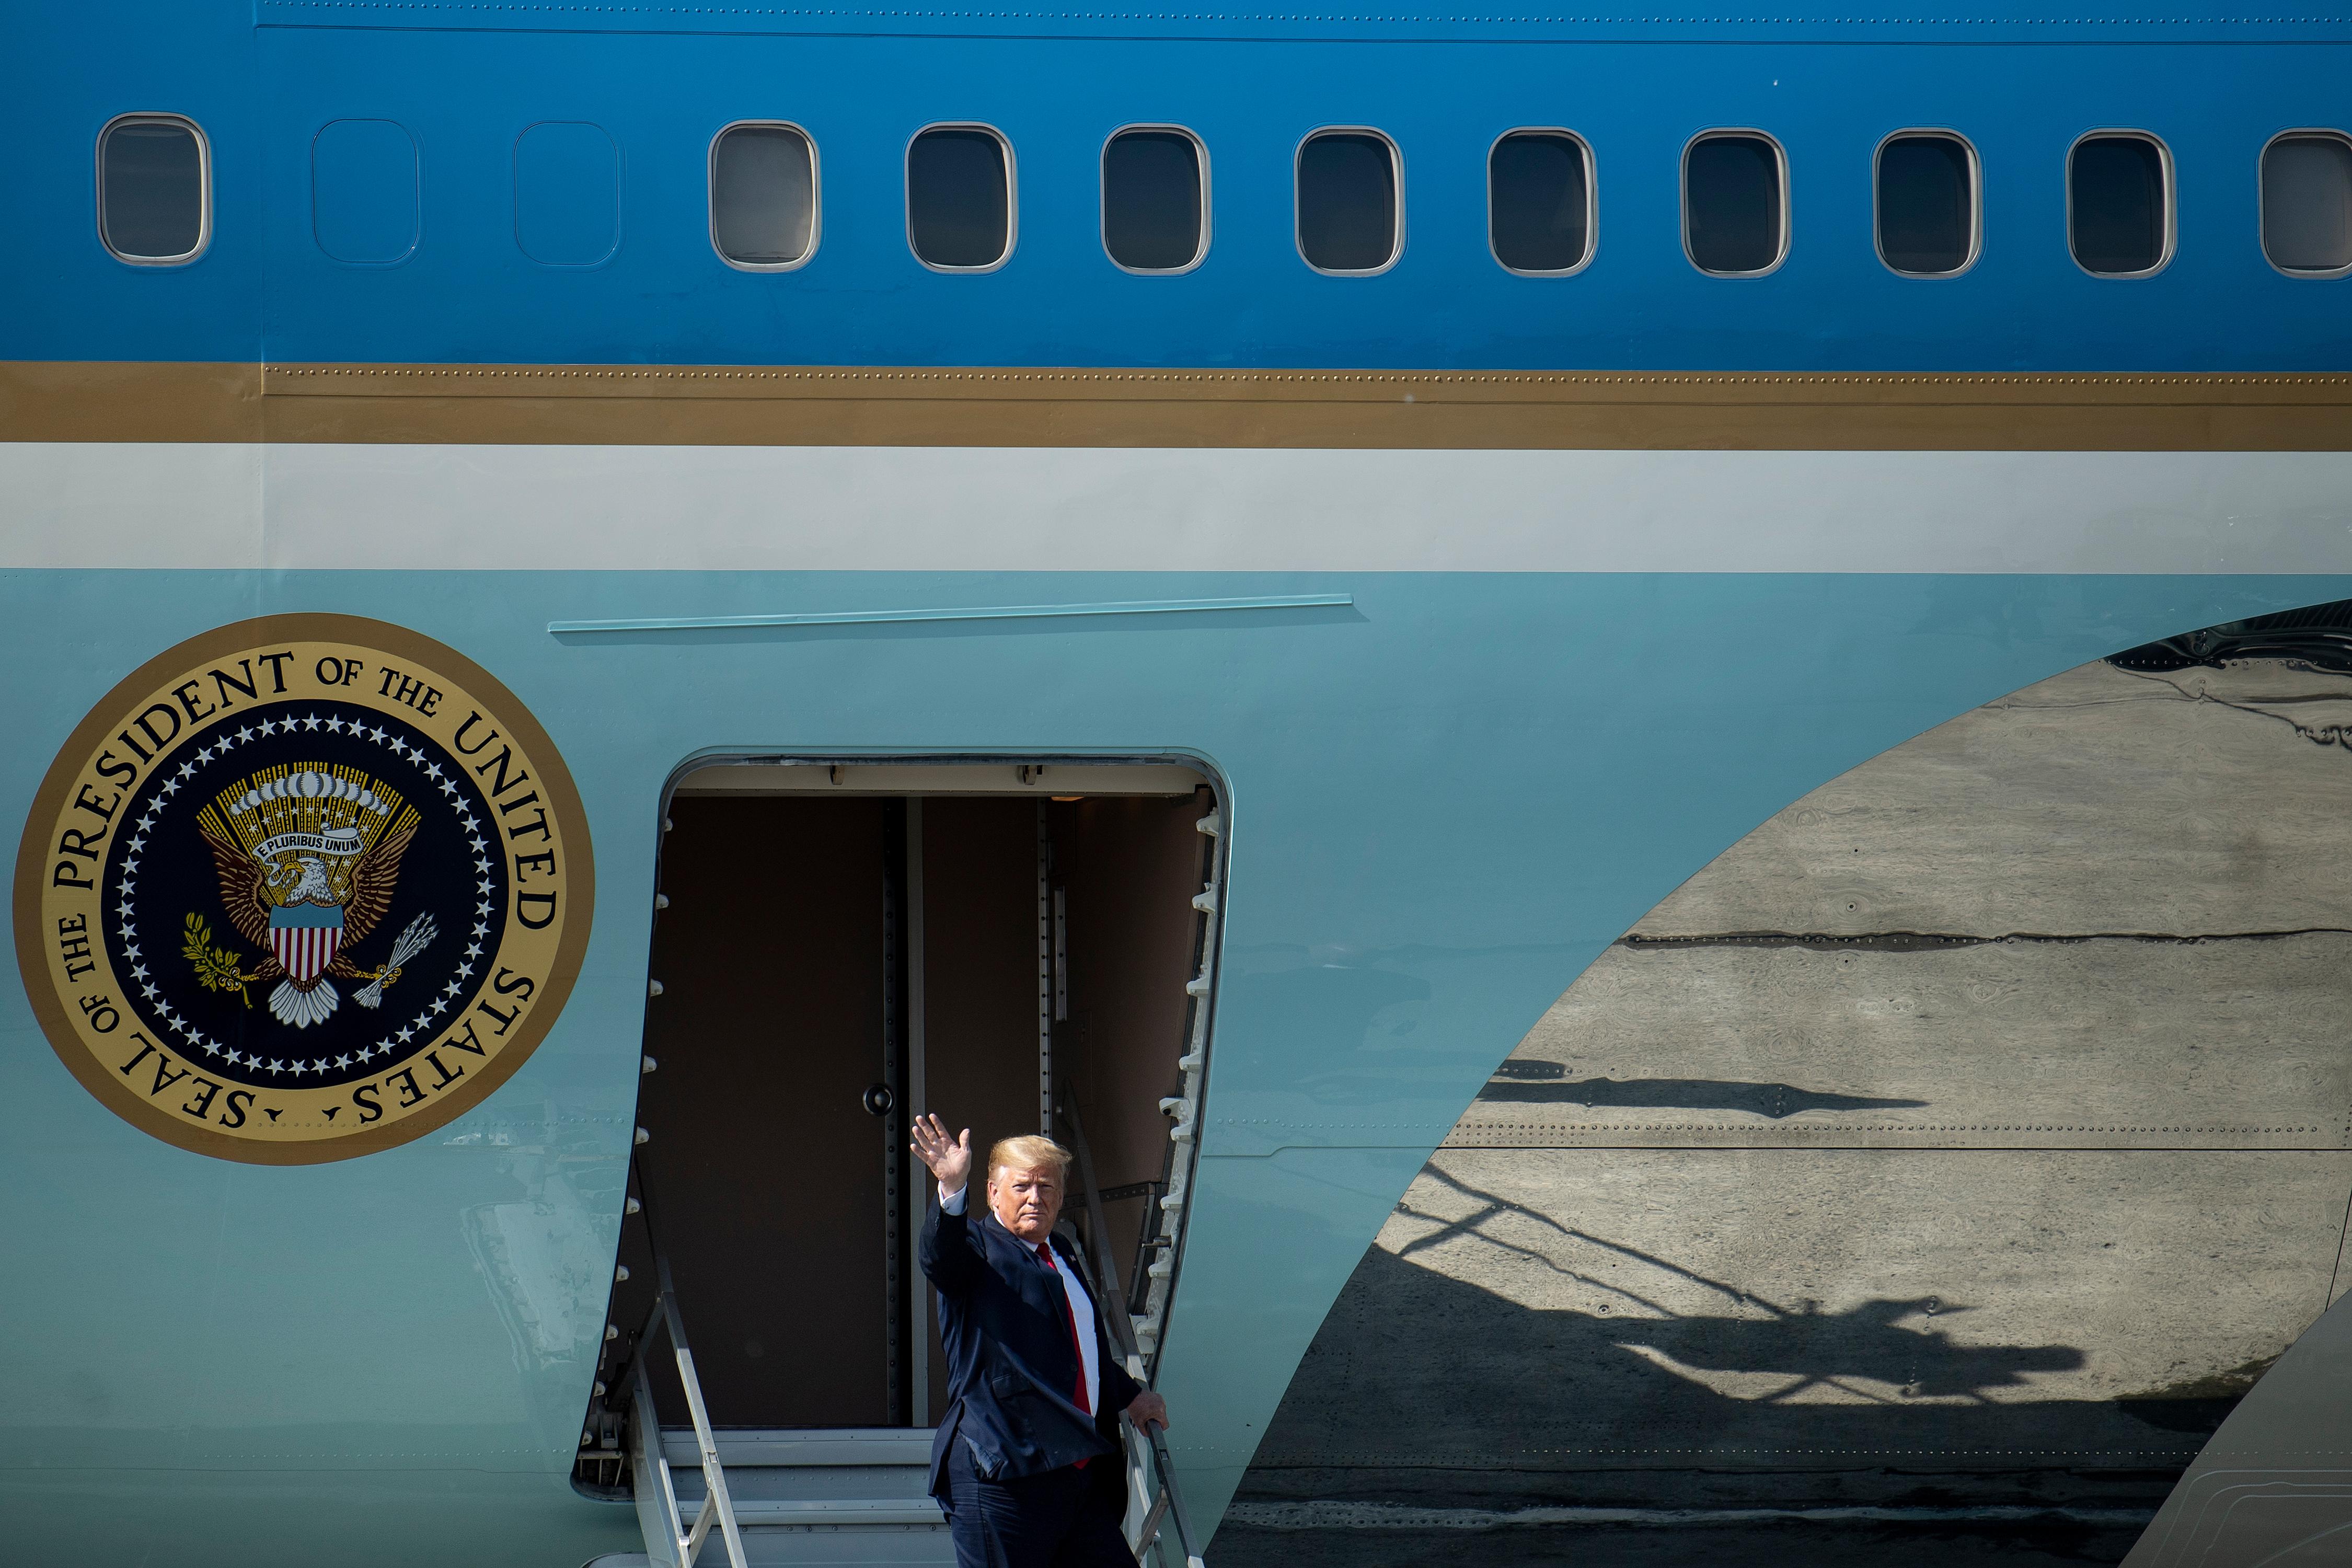 特朗普:經濟數字勝於評論 美國沒有經濟衰退